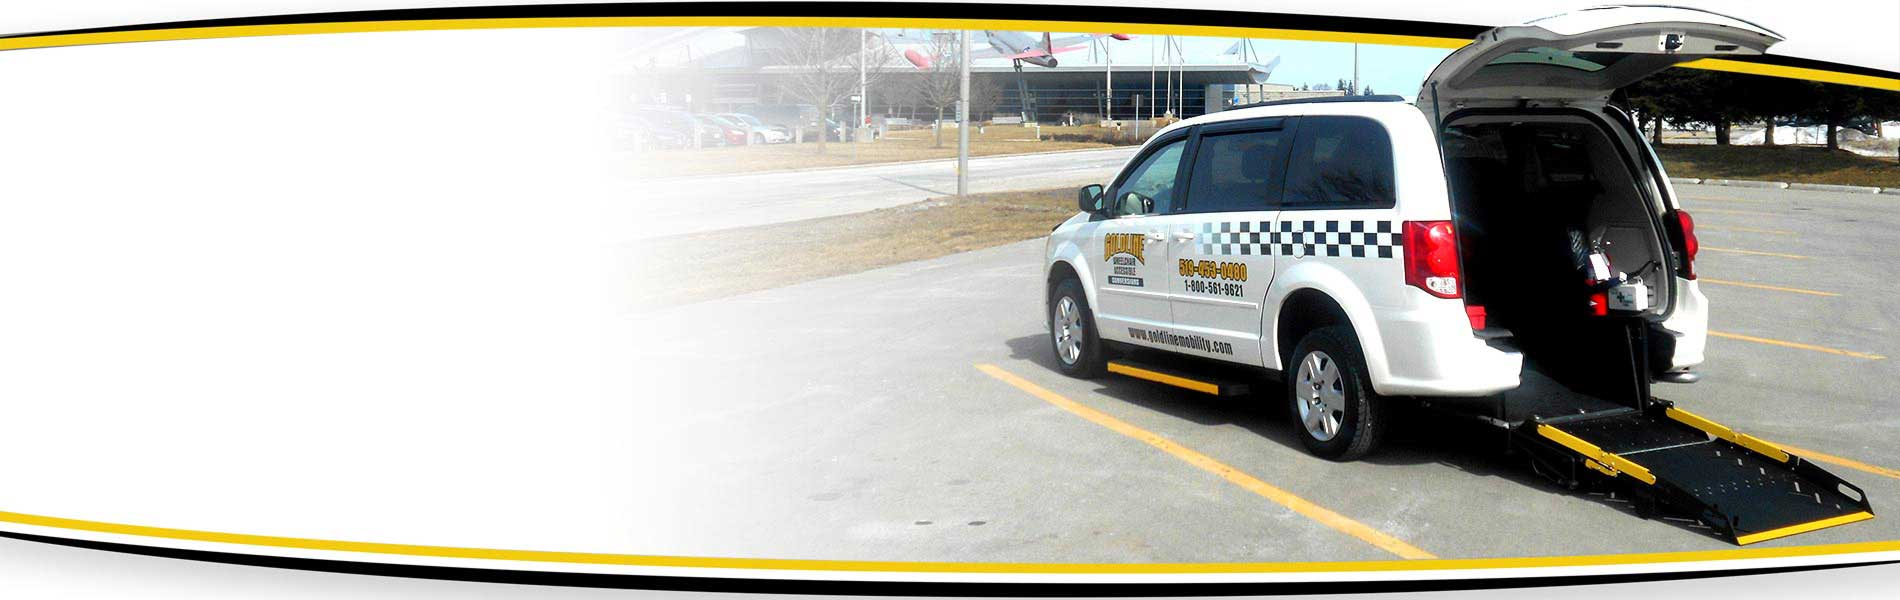 Taxi Conversions